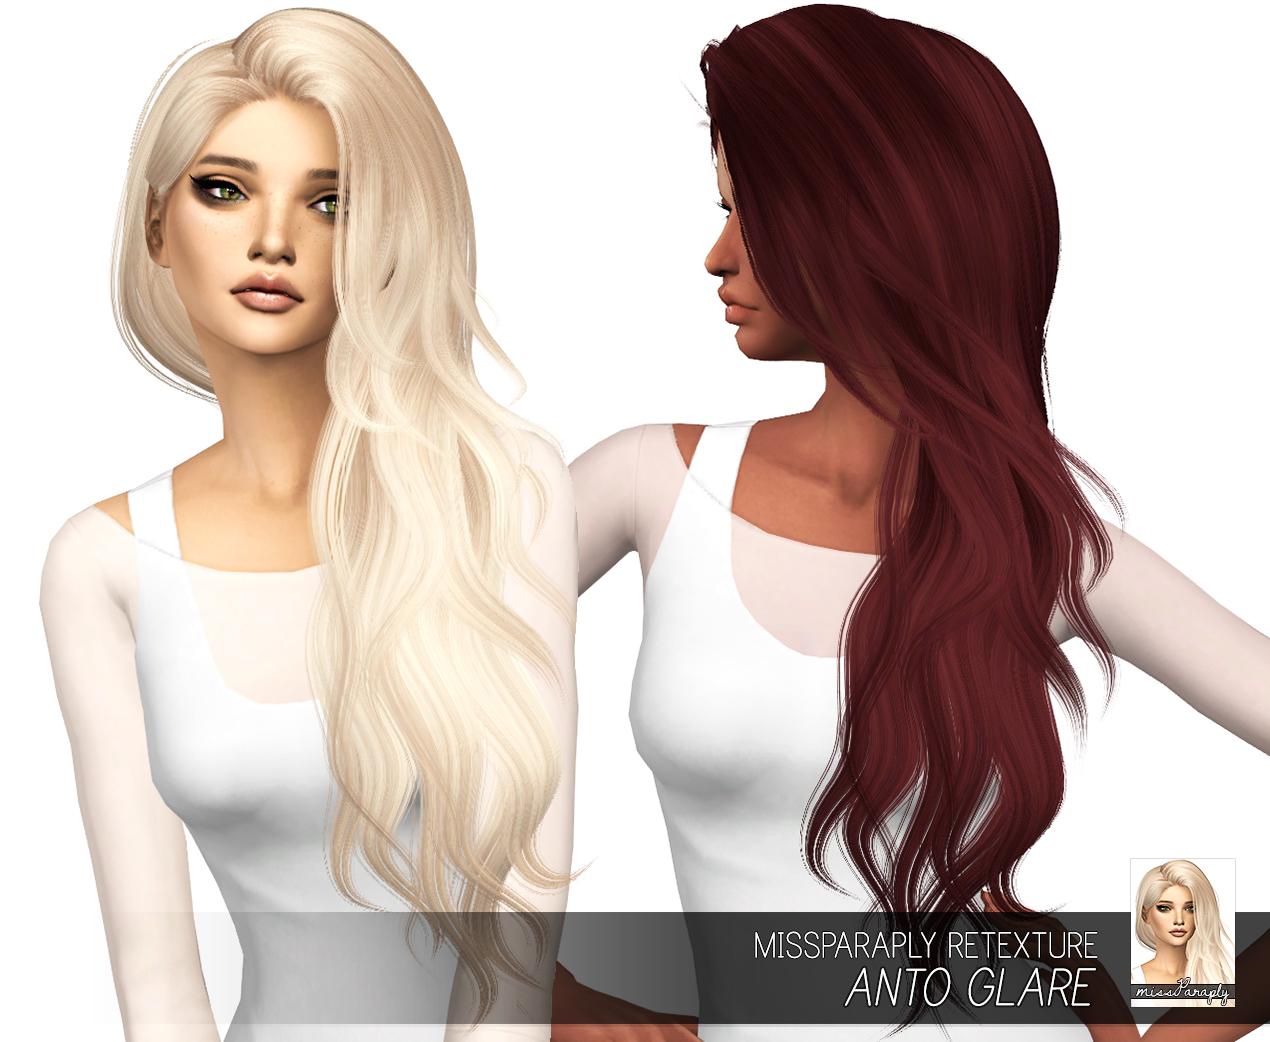 Sims 4 Hair Retexture